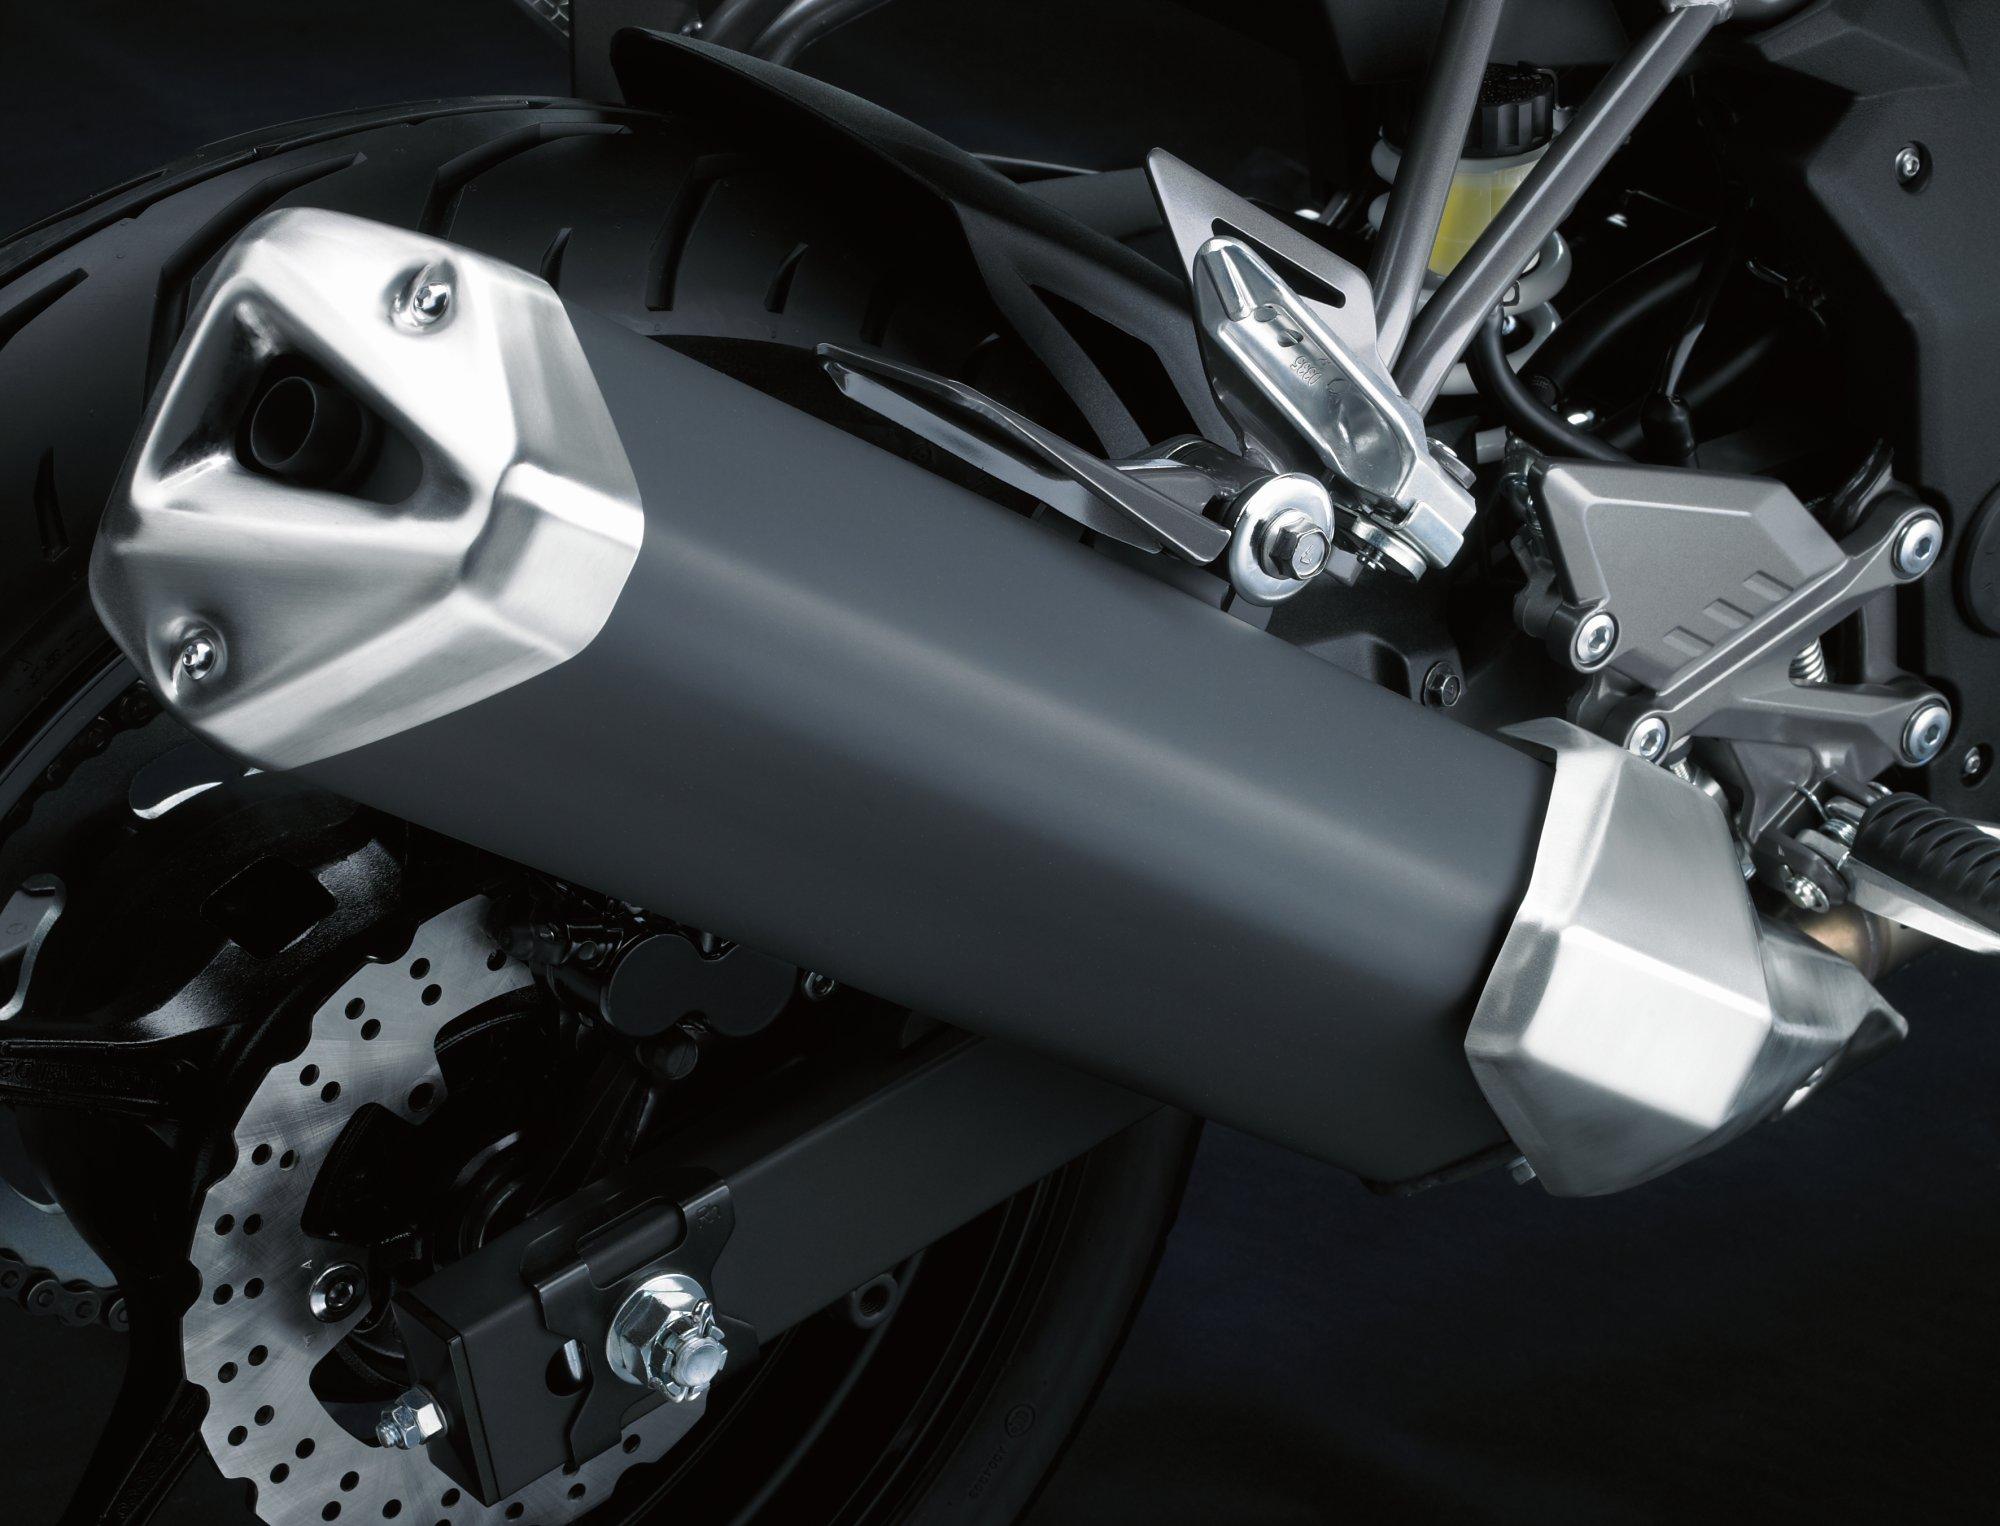 Gebrauchte Und Neue Kawasaki Z250sl Motorrder Kaufen Abs Orange 2015